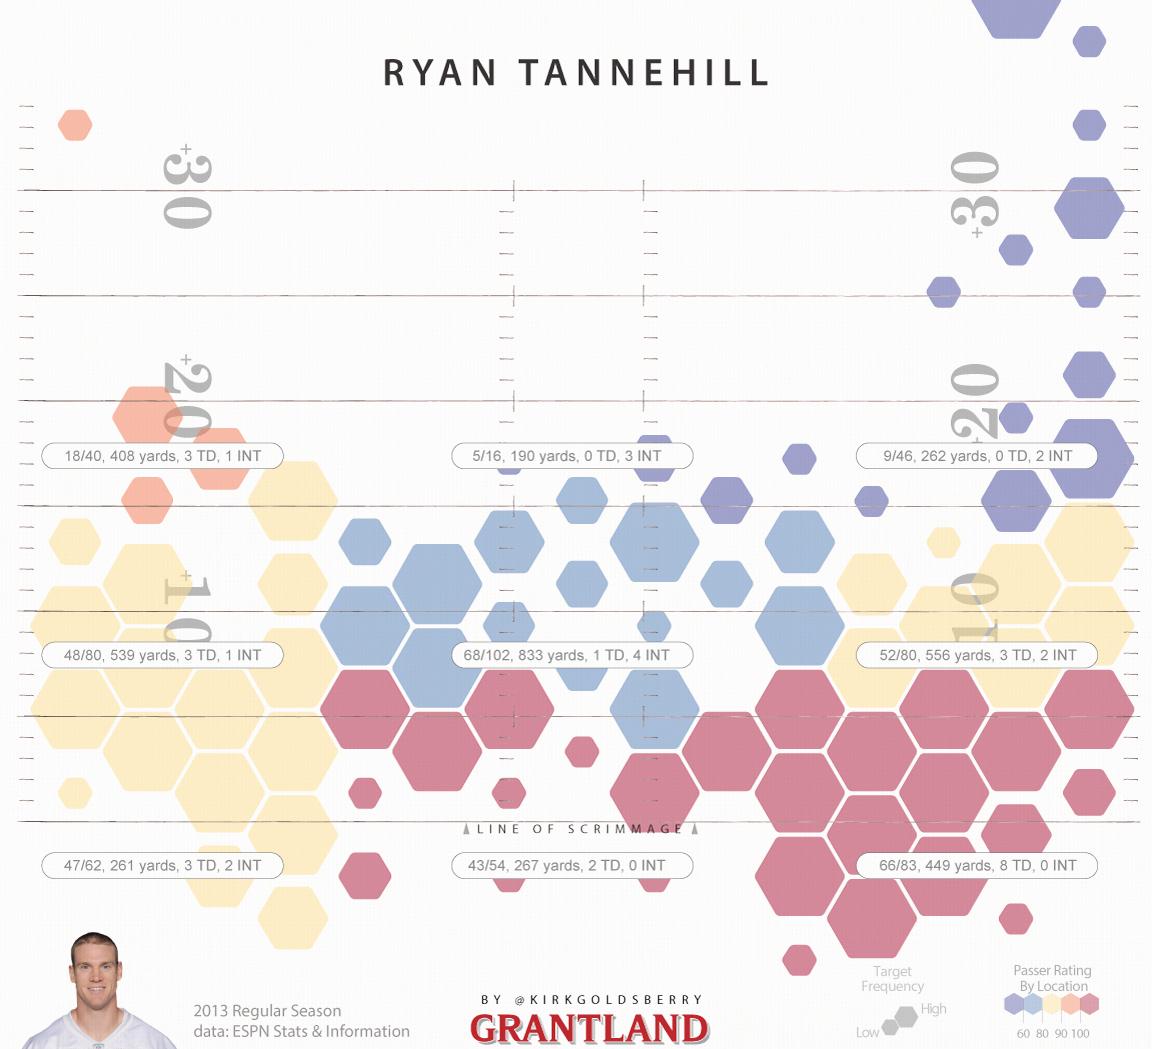 RyanTannehill_1152